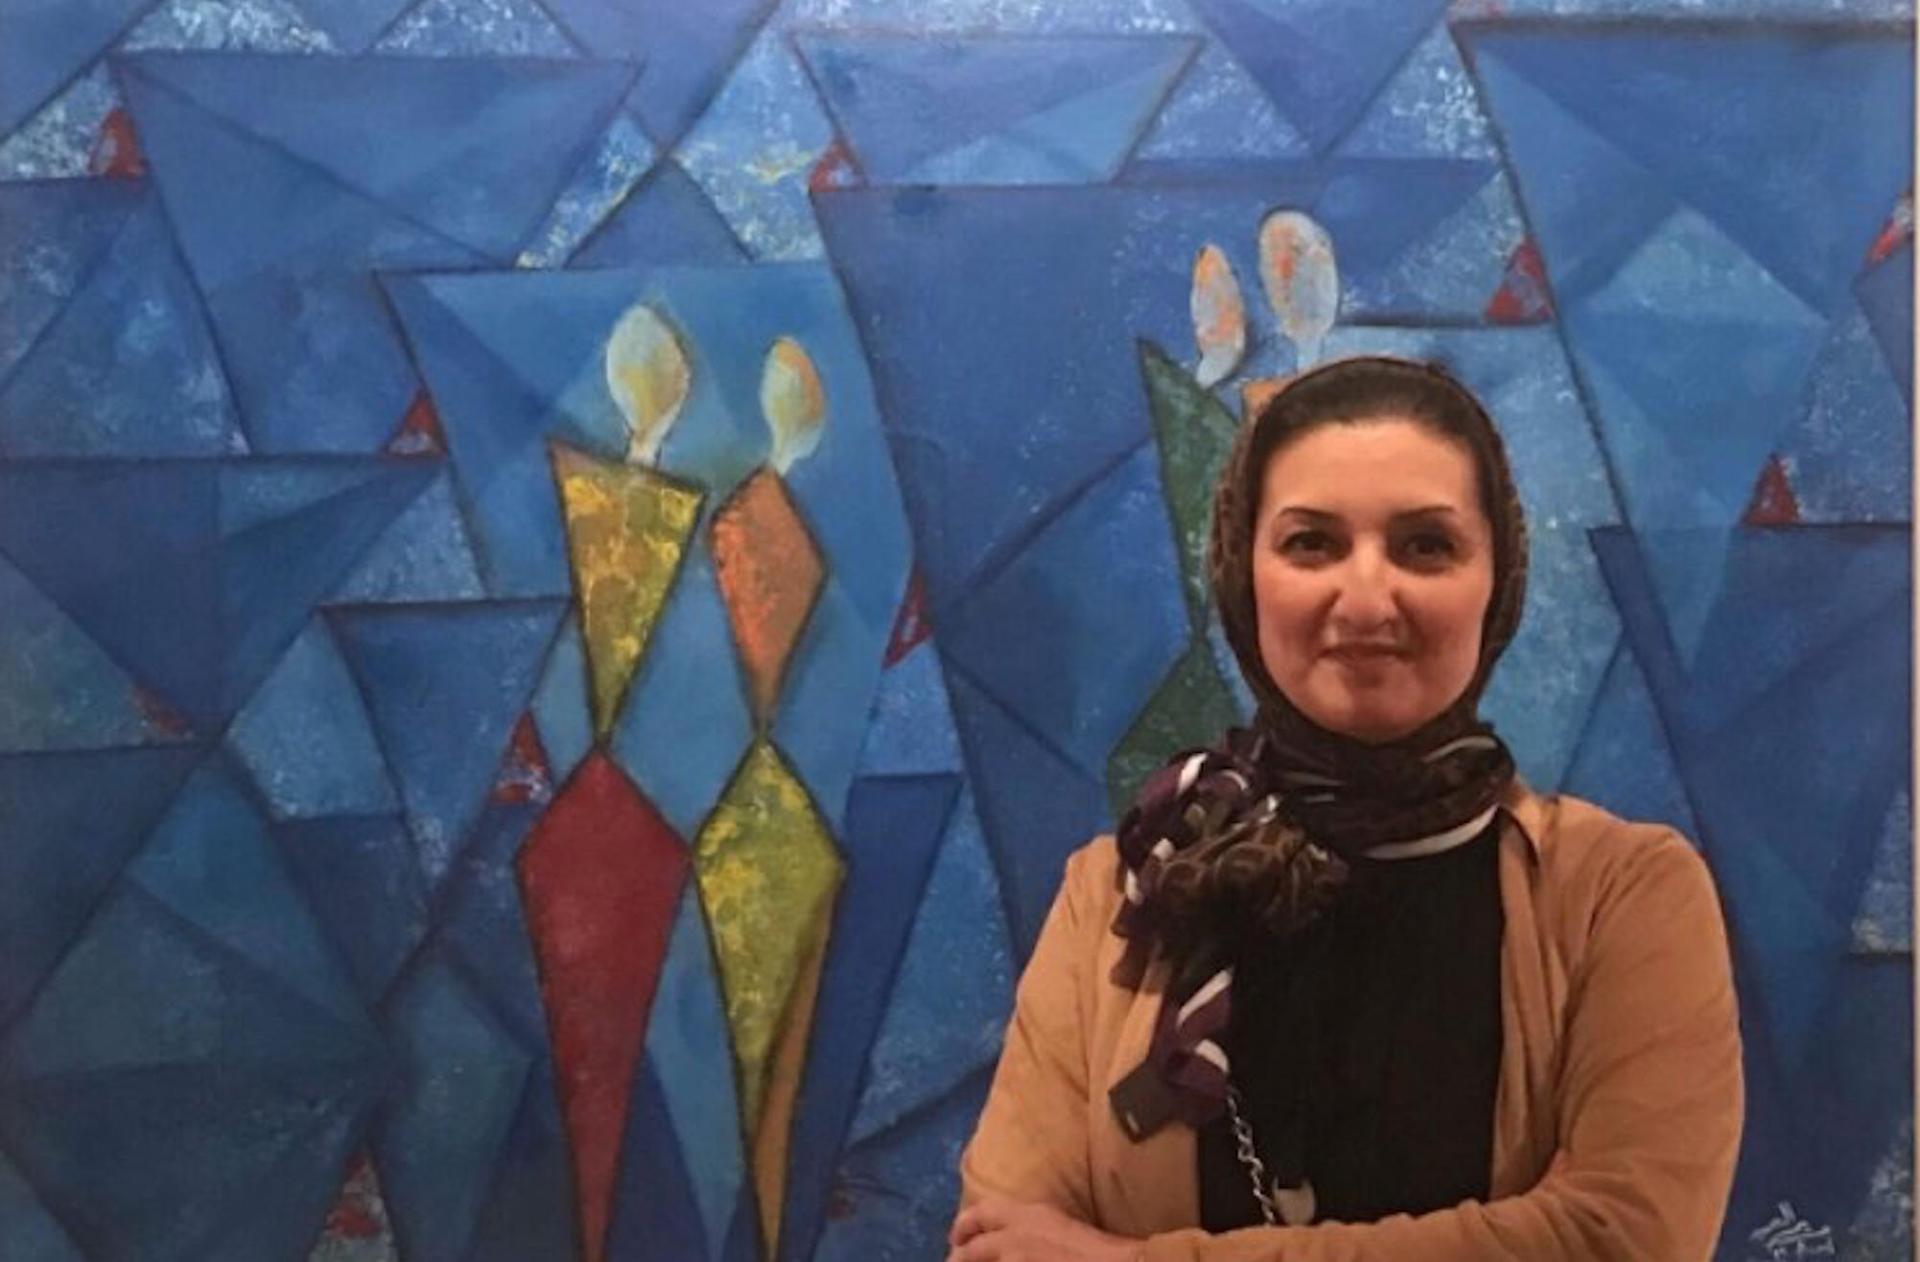 مريم الصيد: التشكيل في ليبيا يحتاج إلى التجديد ونفتقد الفنان المثقف